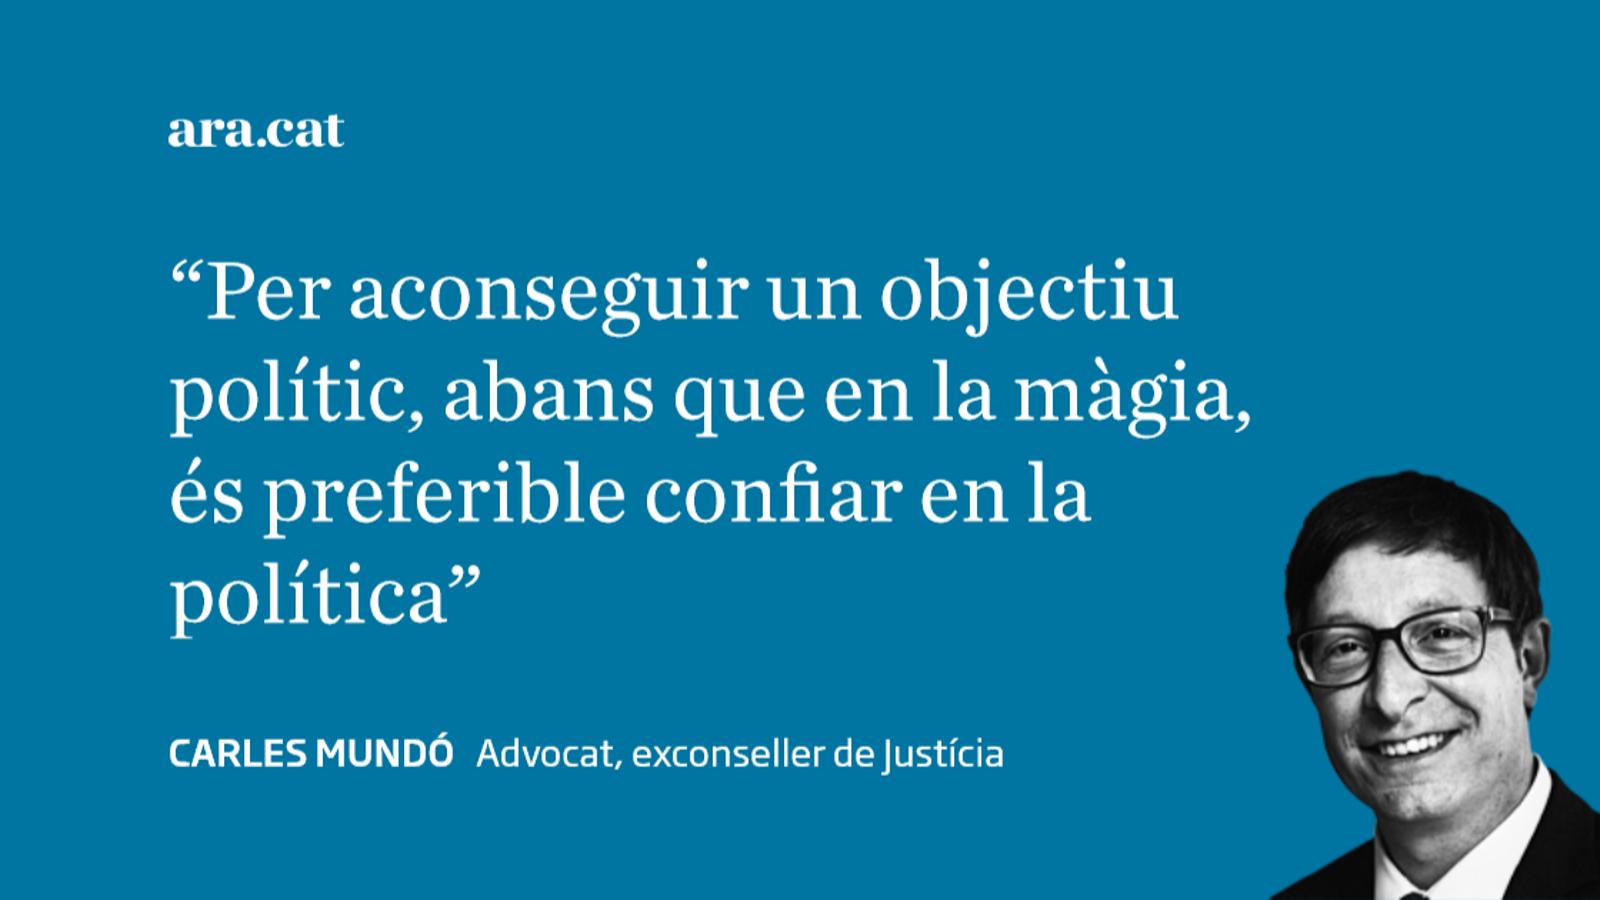 'S'ha acabat la màgia', article de Carles Mundó